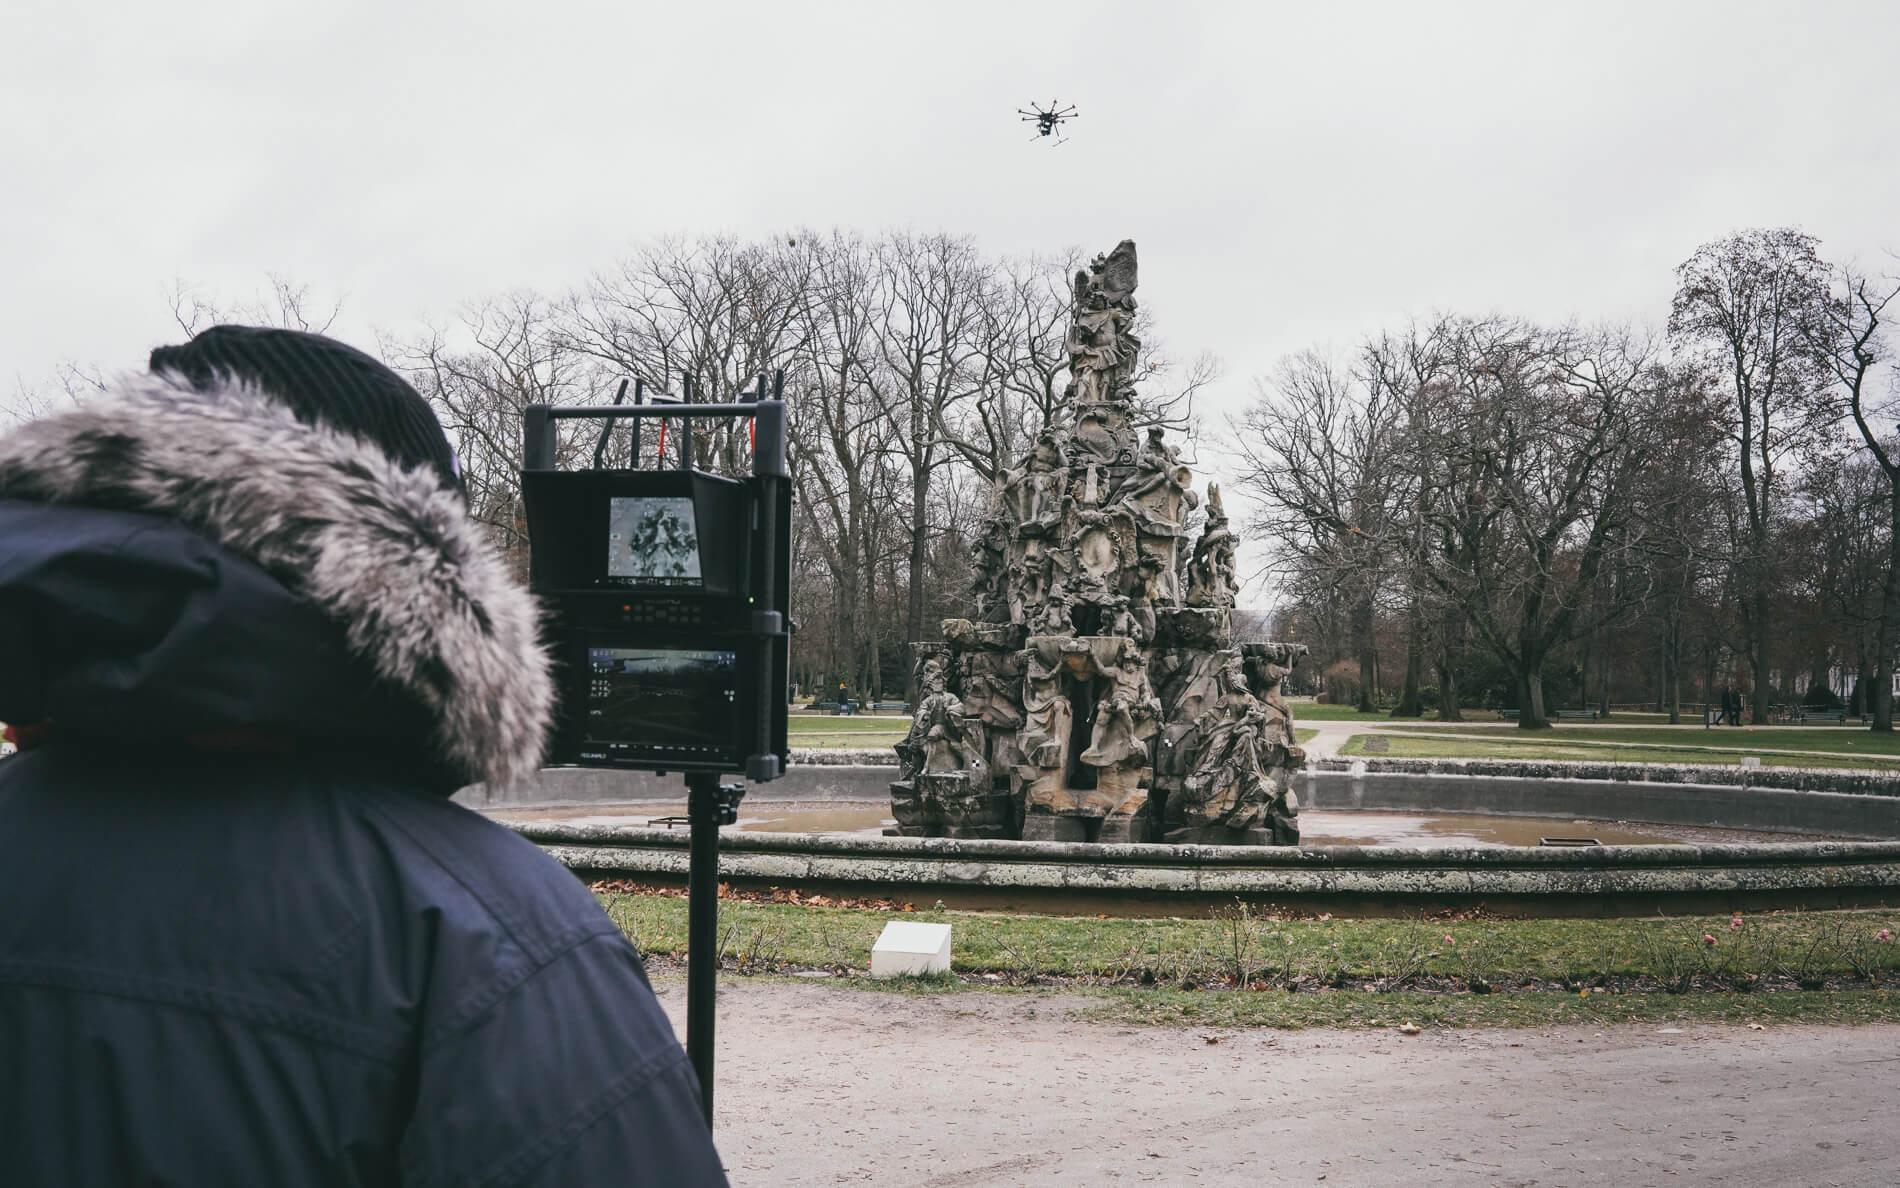 Drohnenpilot-Pilotbild-Monitor-DJI-S1000-plus-photogrammetrie-Drohne-LOGXON-Hugenottenbrunnen-Erlangen-3D-Vermessung-Denkmalschutz-Drohne-terrestrischer-Photogrammetrie